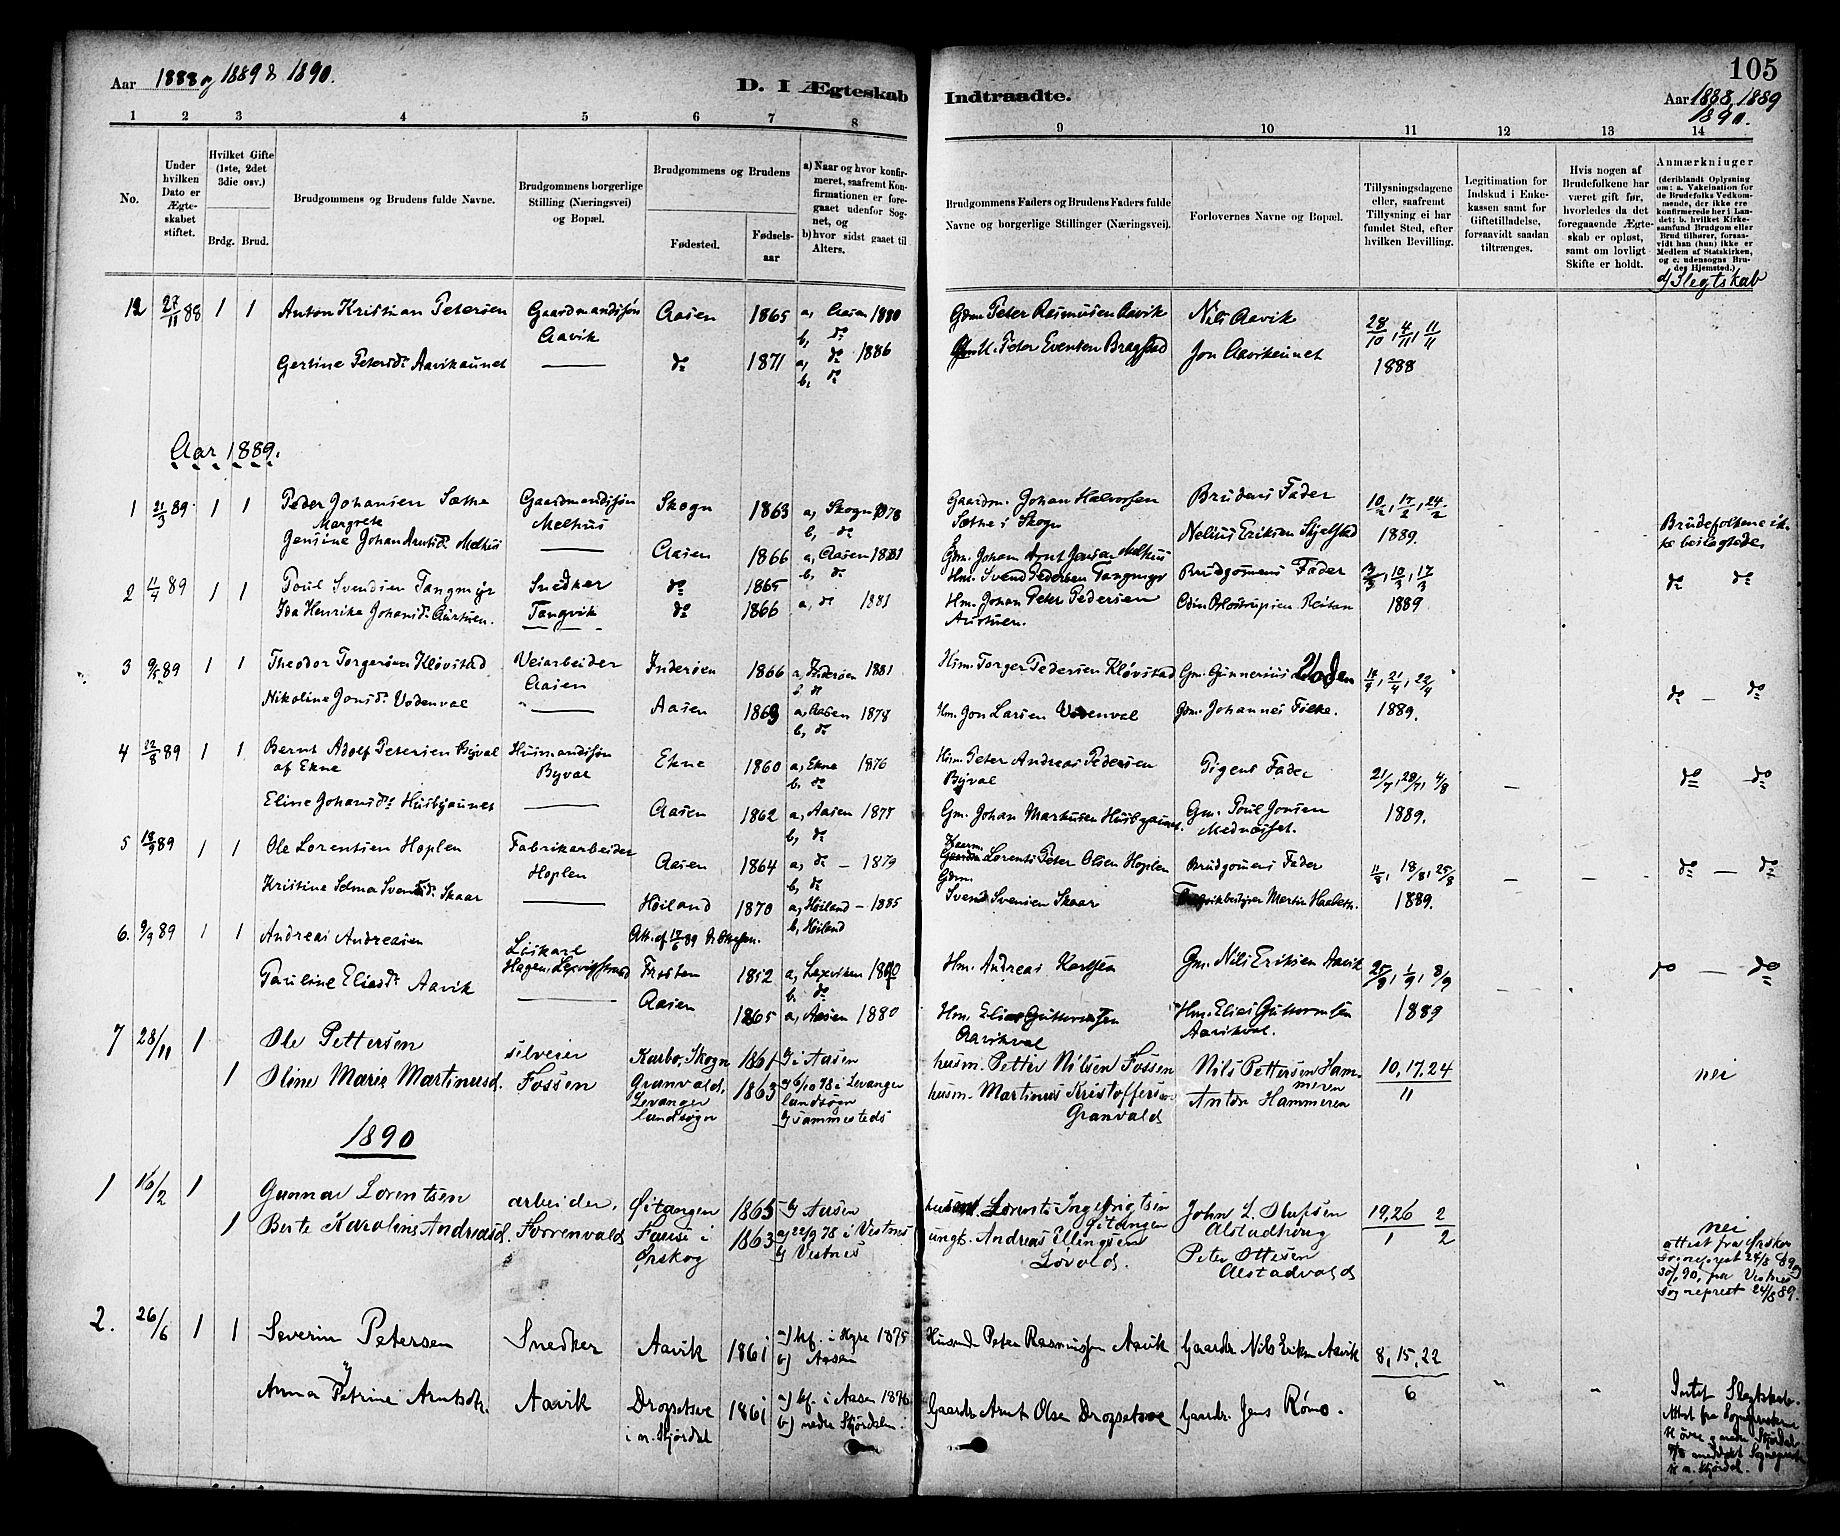 SAT, Ministerialprotokoller, klokkerbøker og fødselsregistre - Nord-Trøndelag, 714/L0130: Ministerialbok nr. 714A01, 1878-1895, s. 105